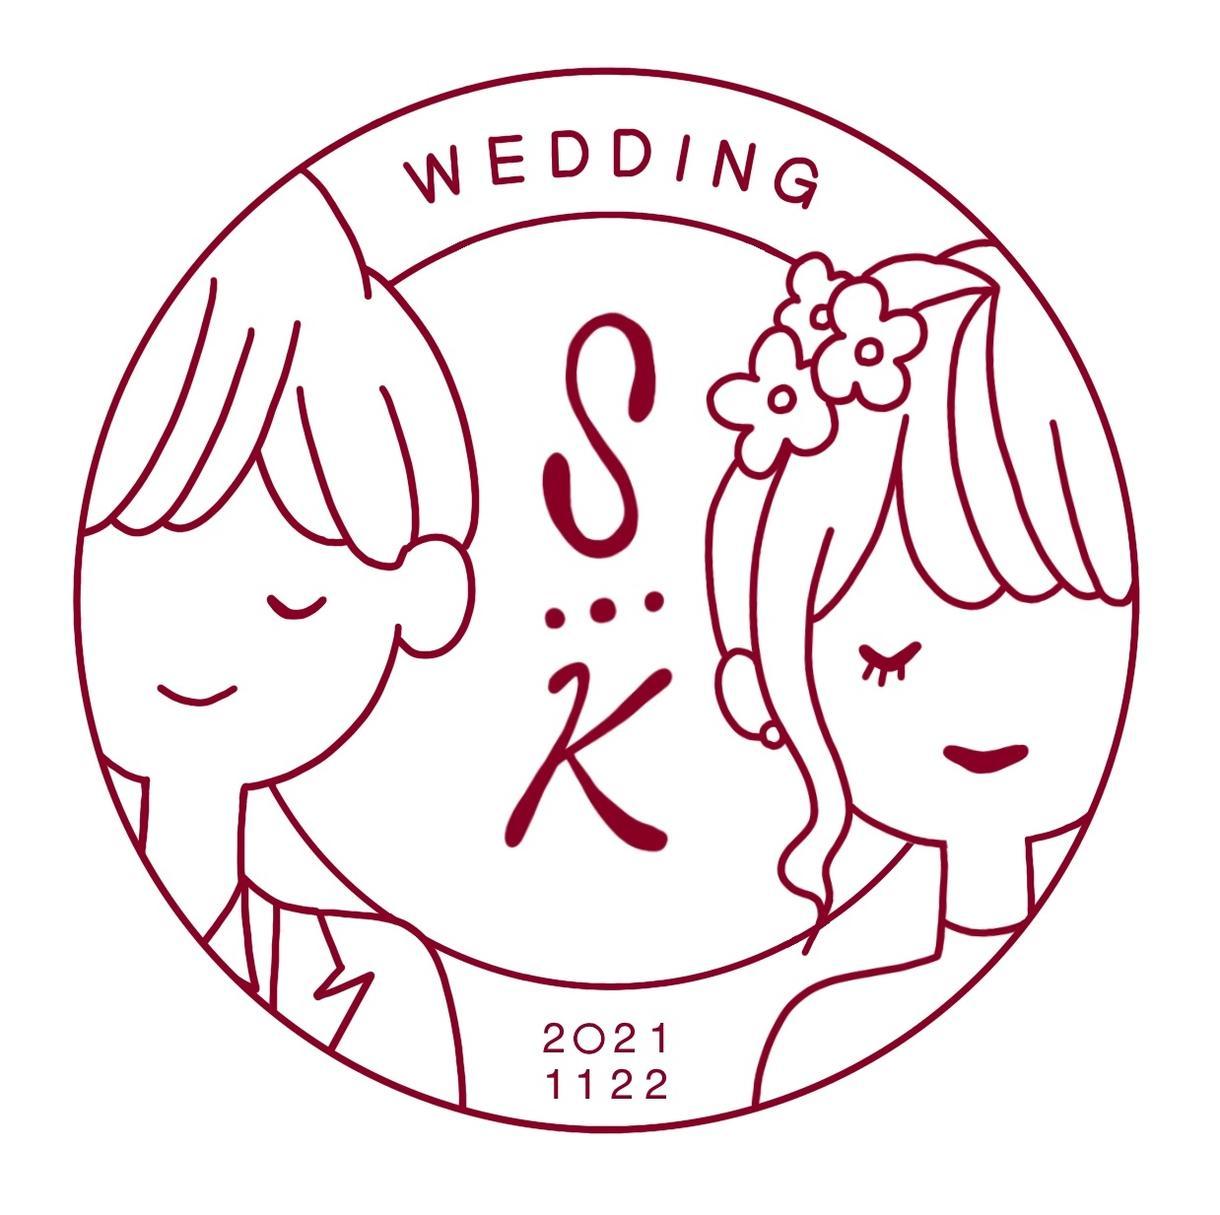 結婚式に使えるウェディングロゴを4種作成します シンプルでおしゃれなあなただけのオリジナルロゴを作成! イメージ1